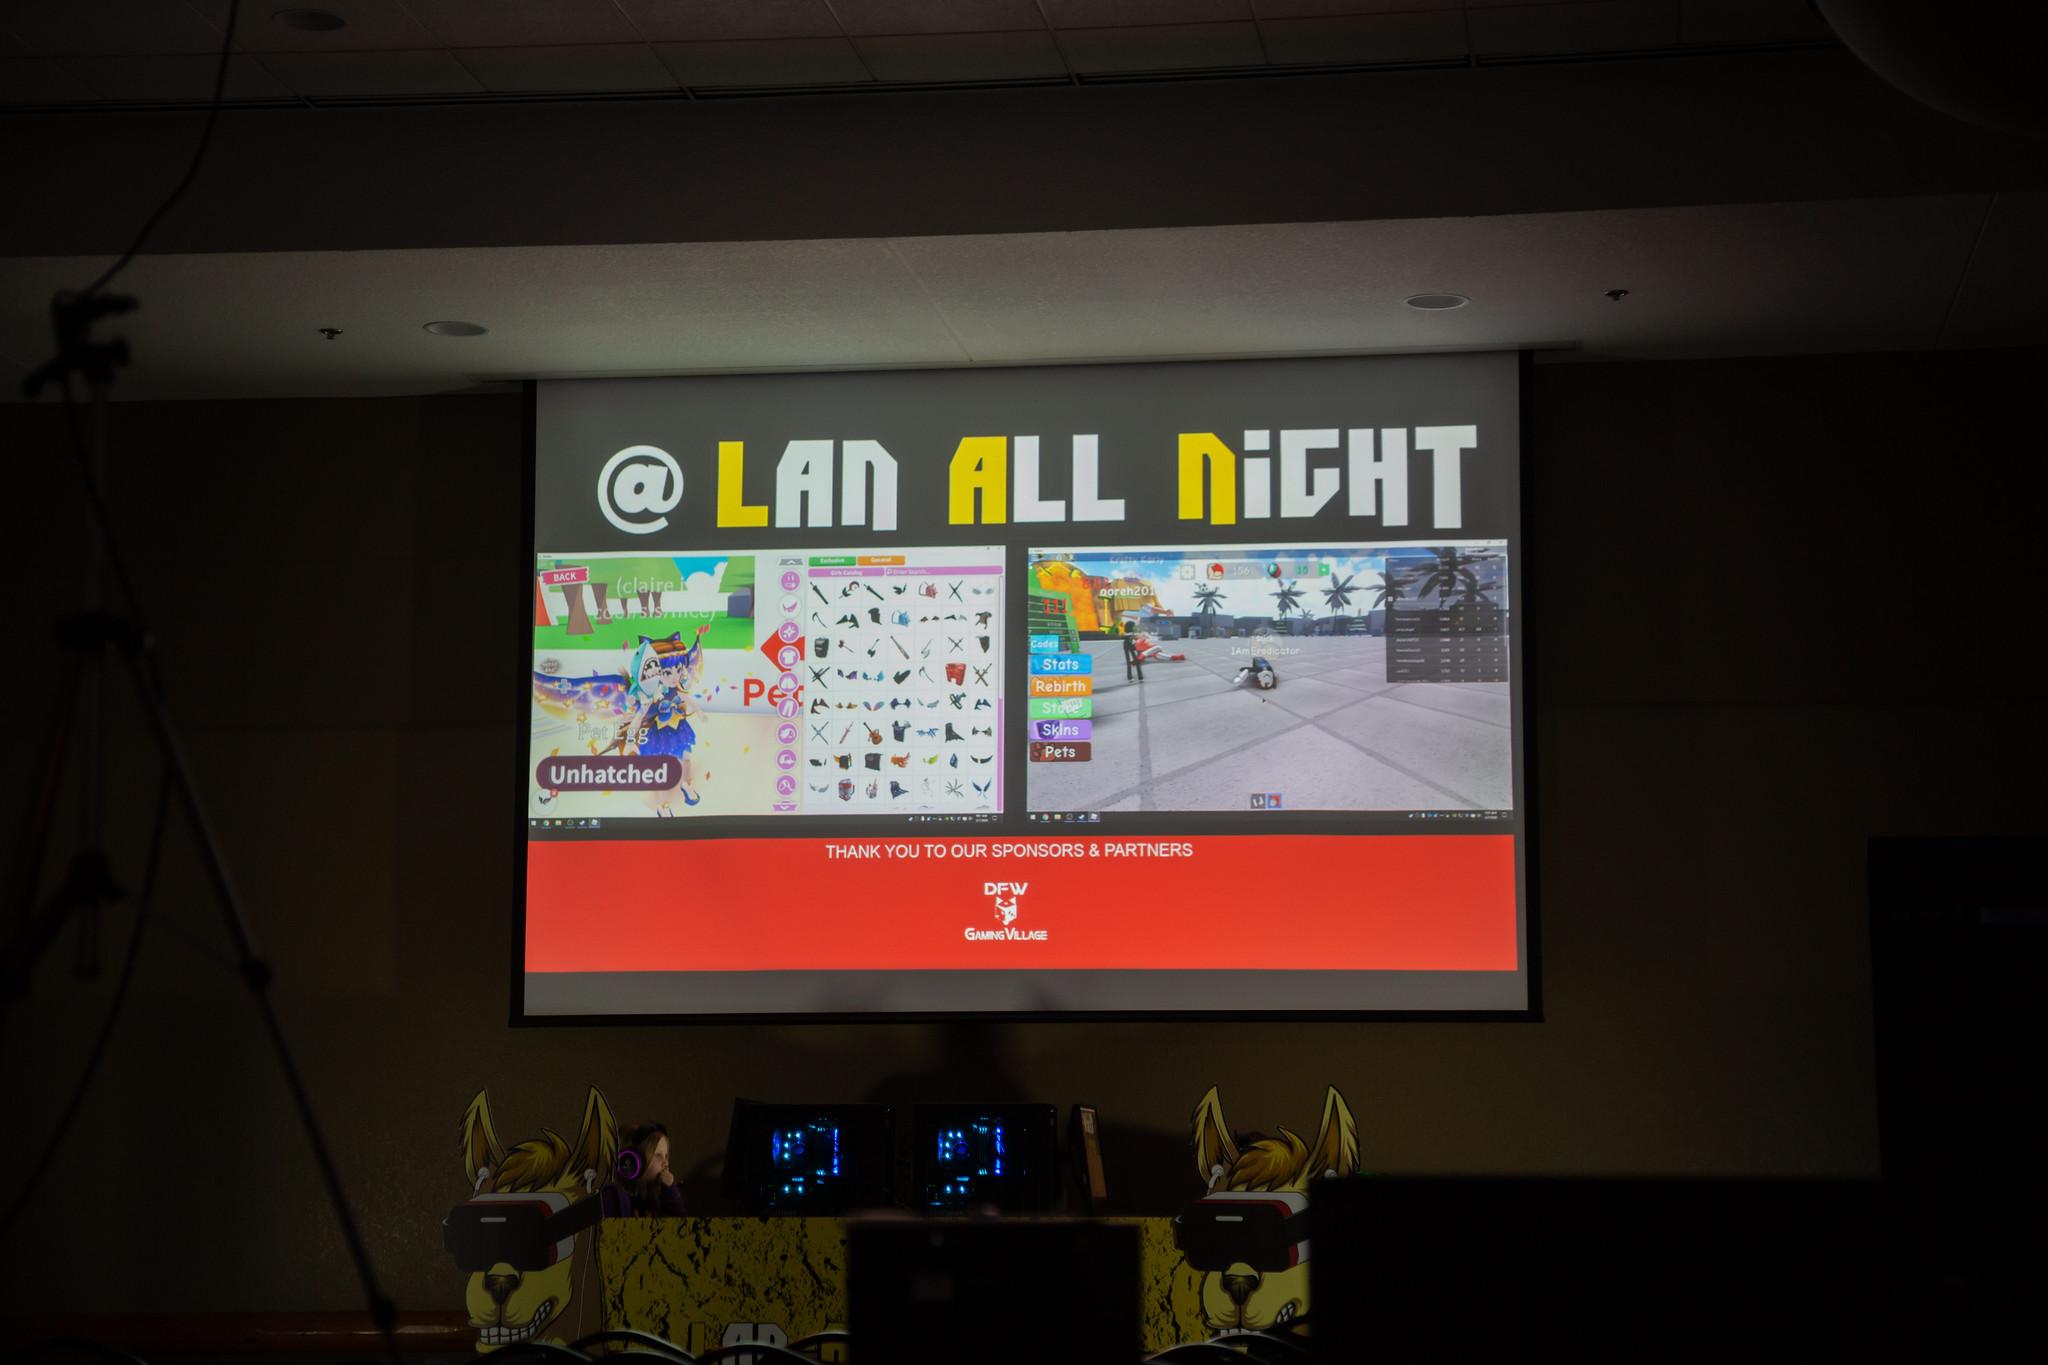 LanAllNight-20200307-5618